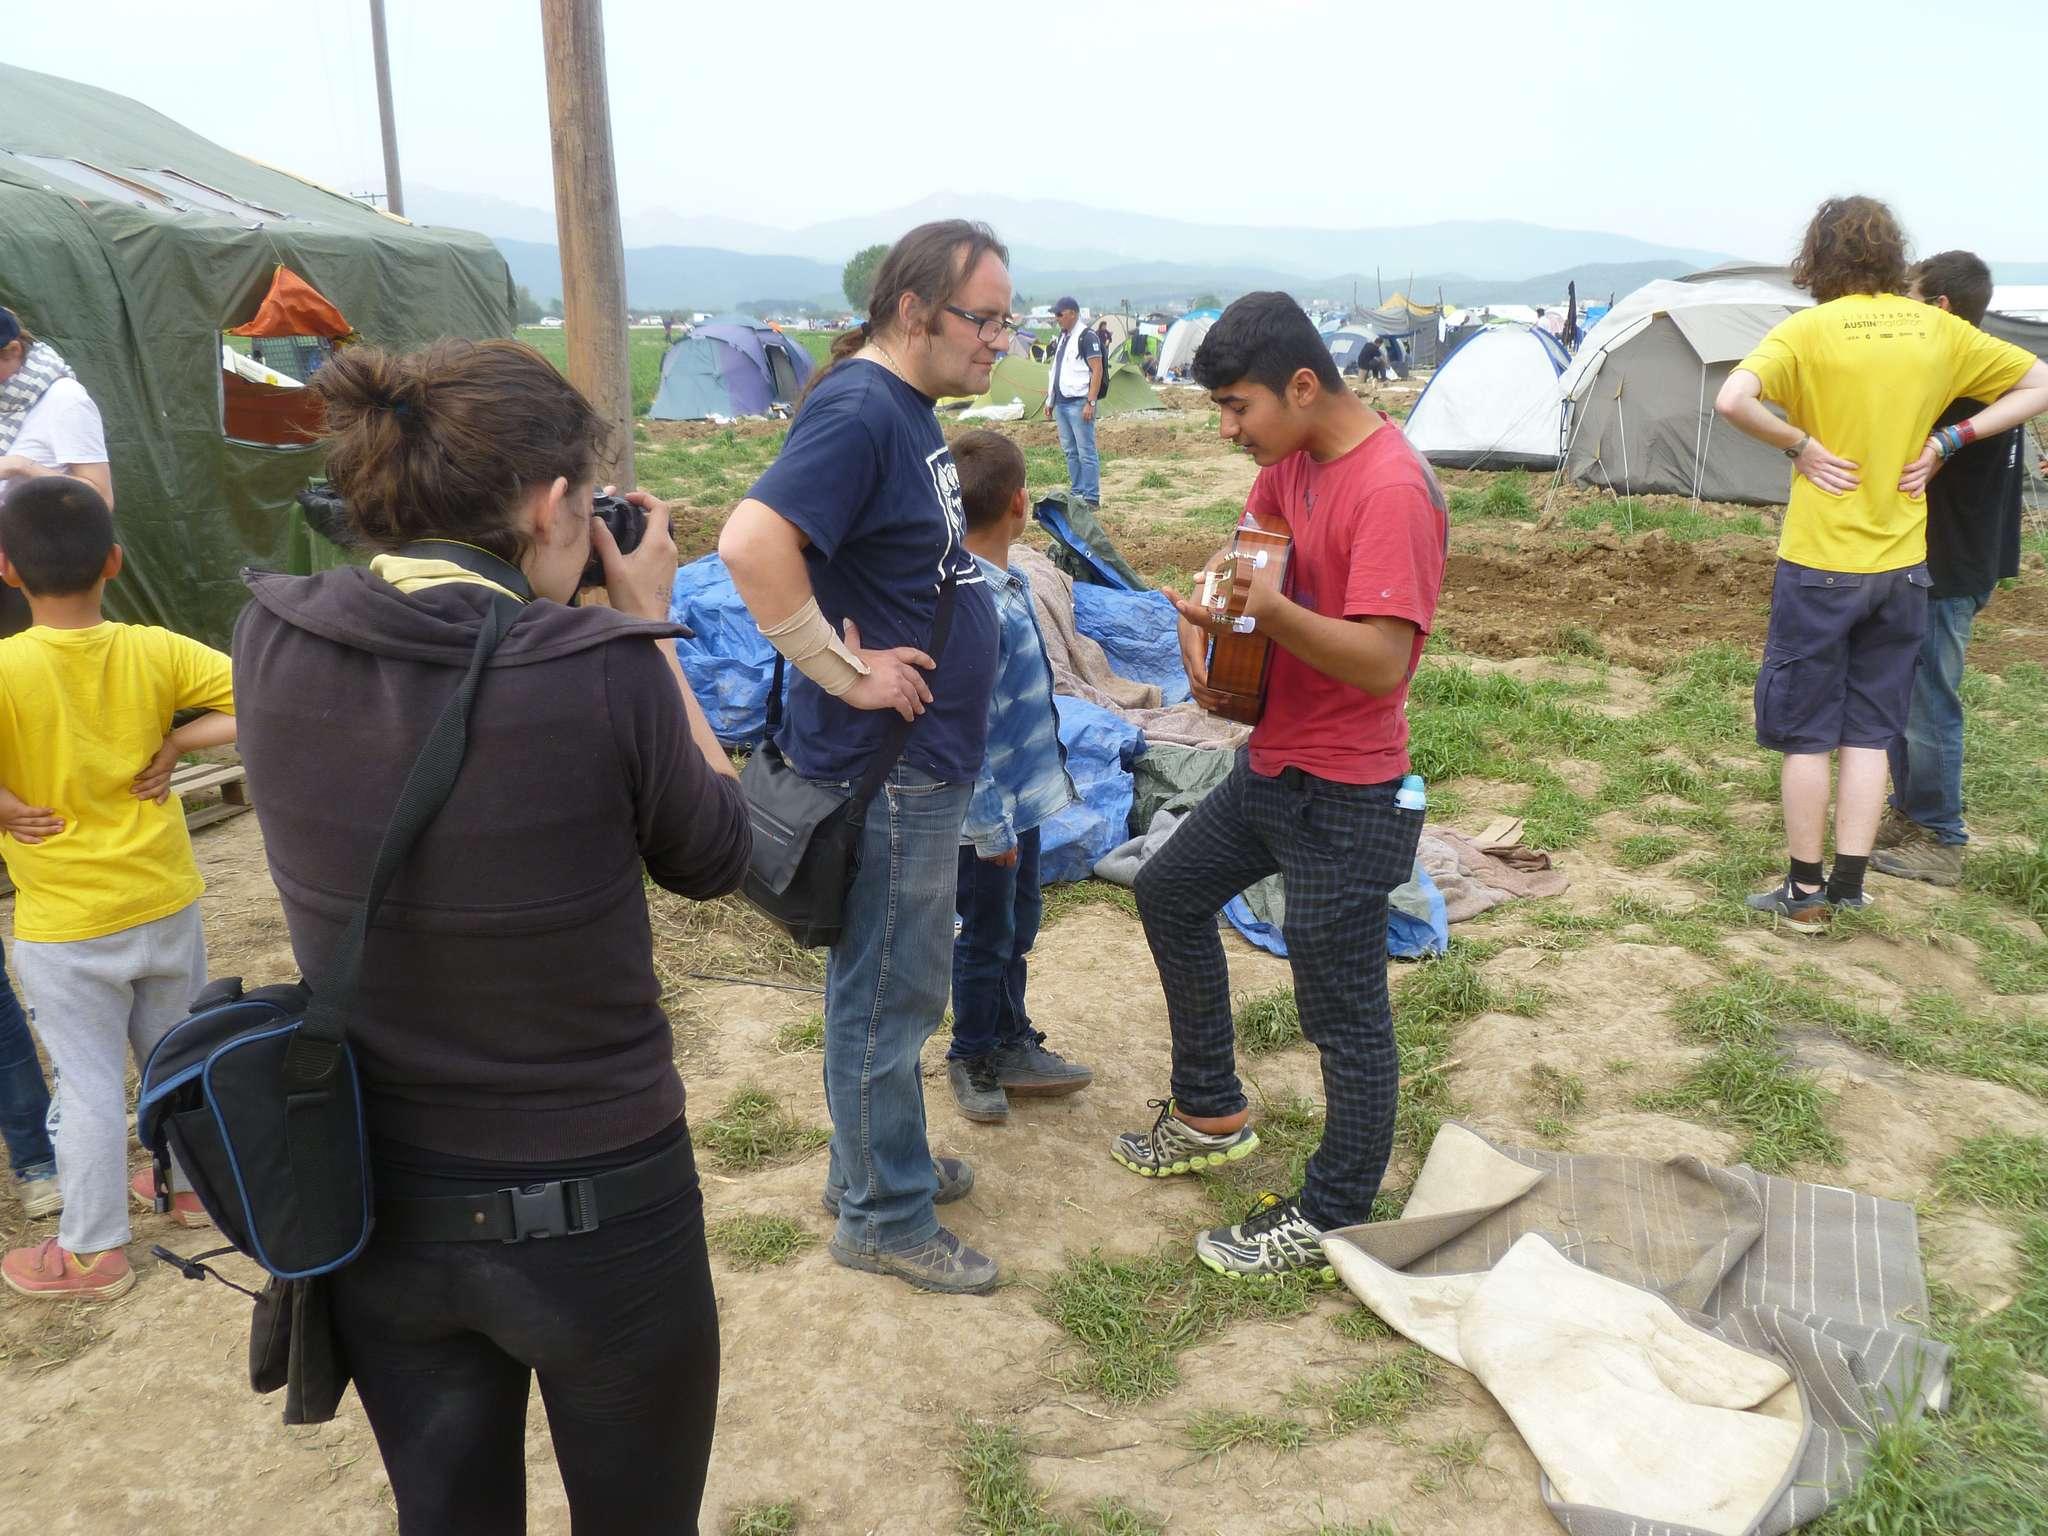 refugiados-proyectos-culturales-p1040861